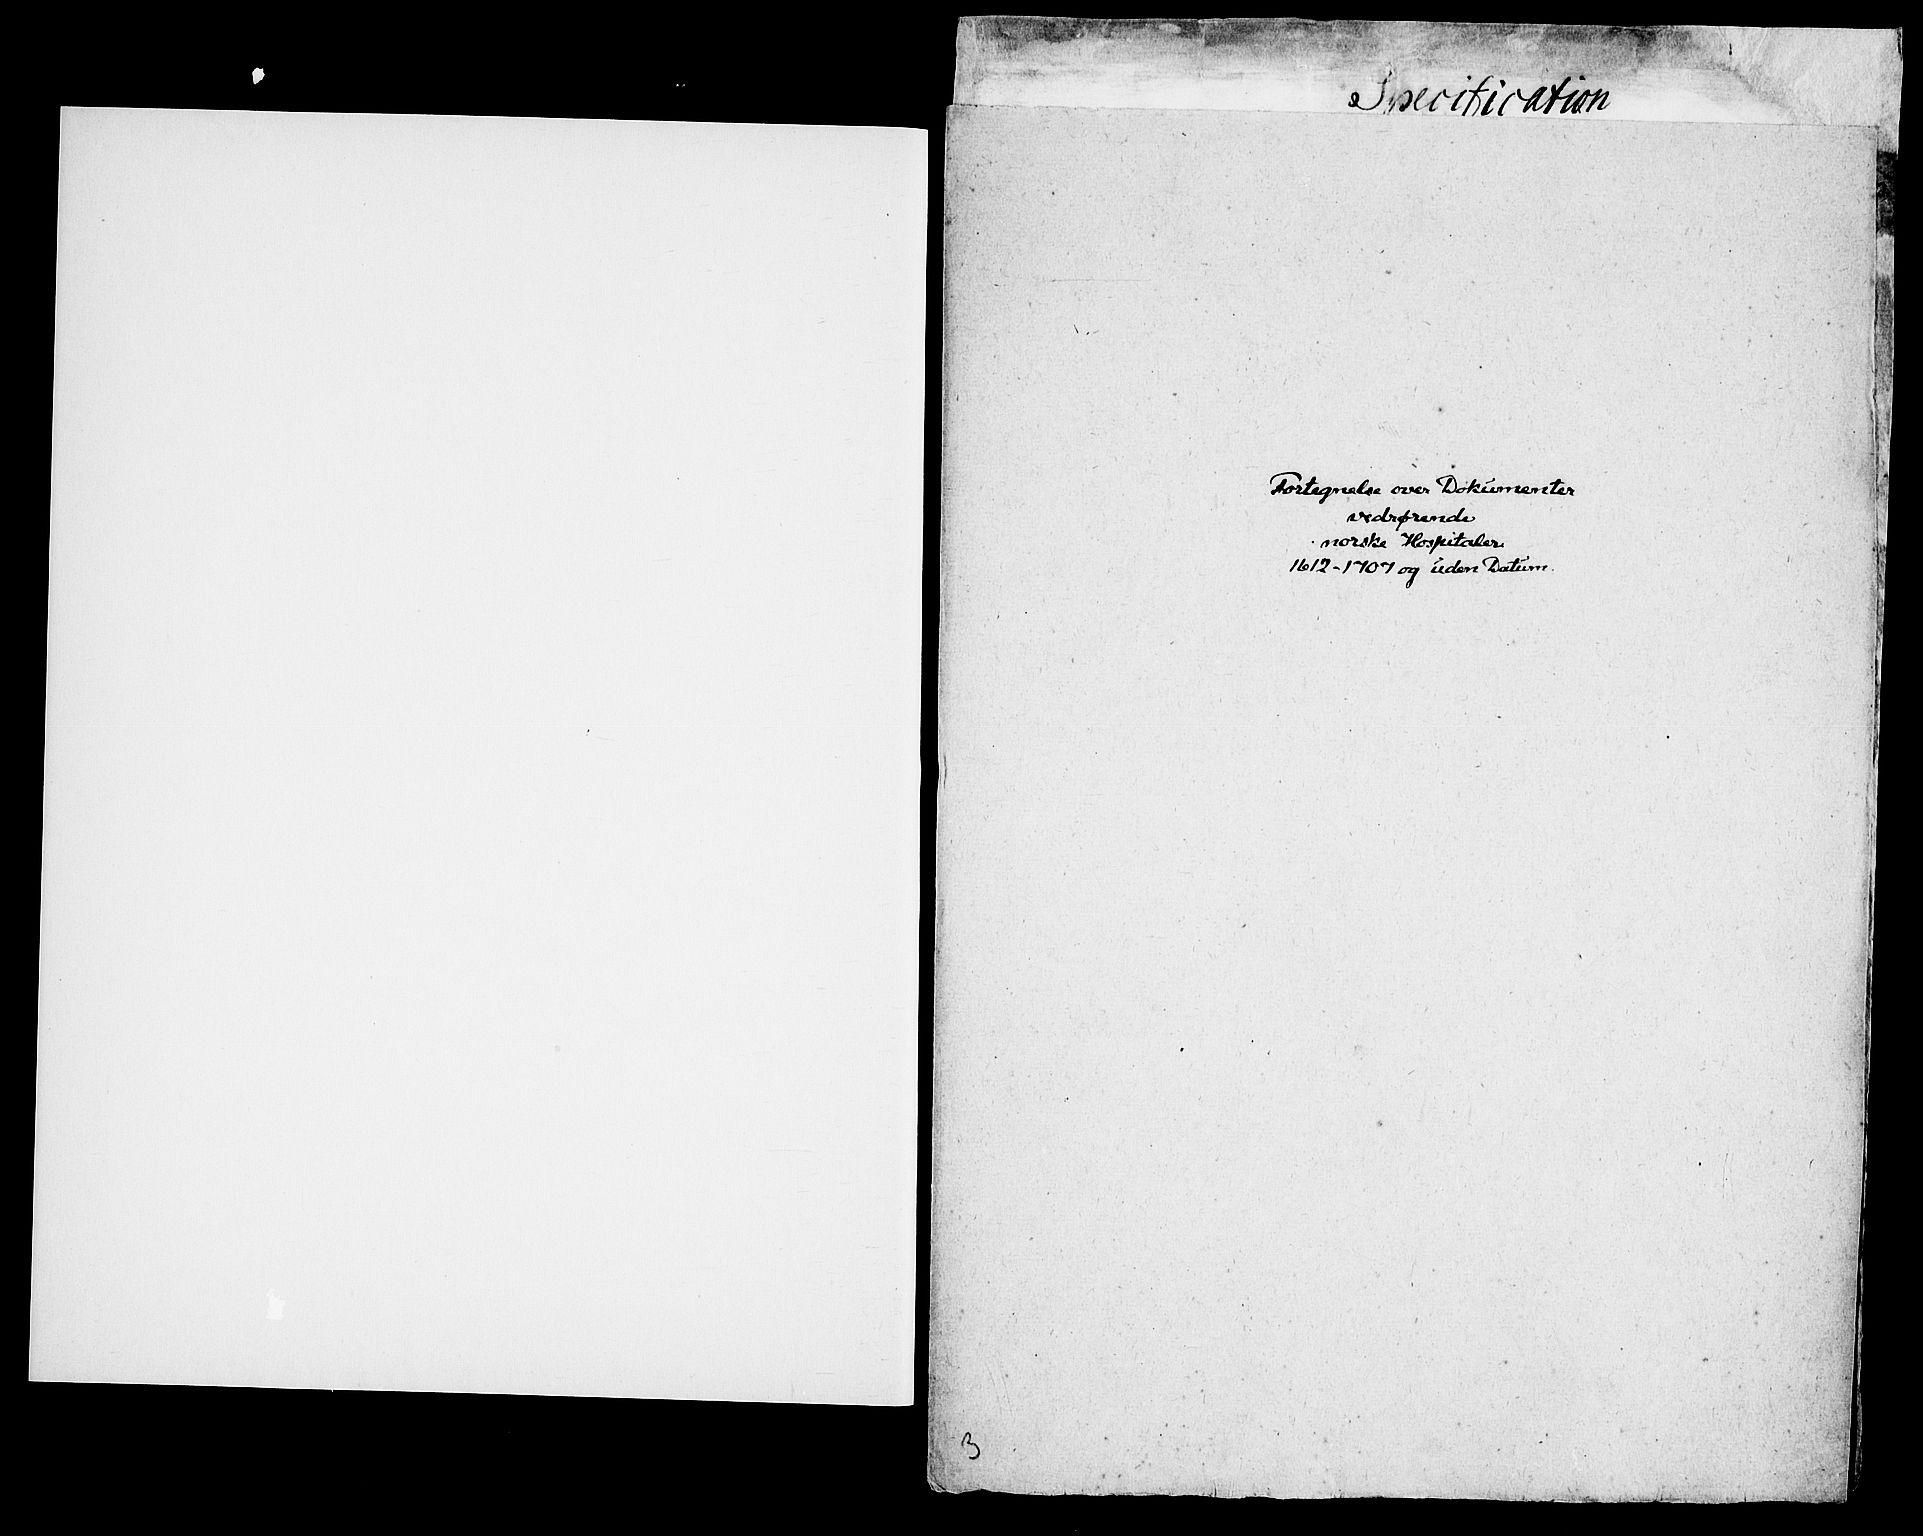 RA, Danske Kanselli, Skapsaker, G/L0019: Tillegg til skapsakene, 1616-1753, s. 377